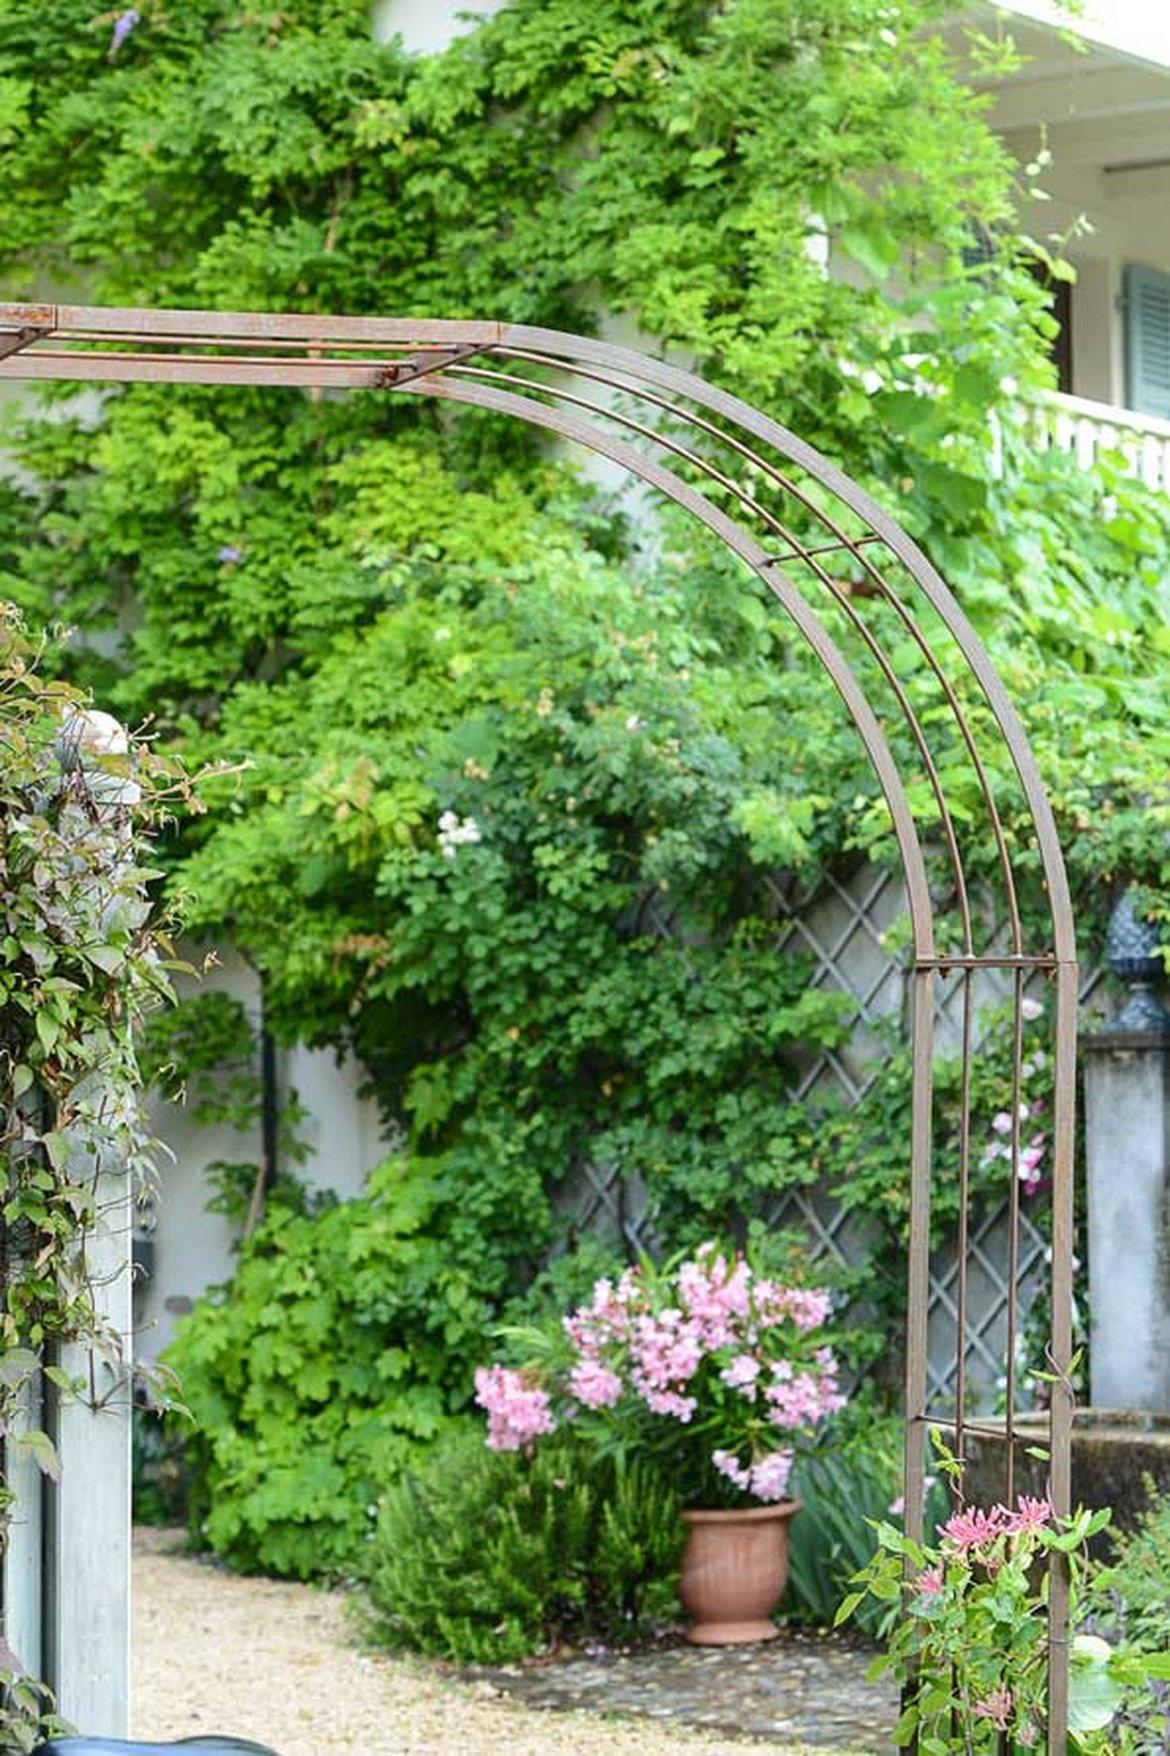 Repensez L'aménagement De Votre Jardin | Schilliger intérieur Arceau Jardin